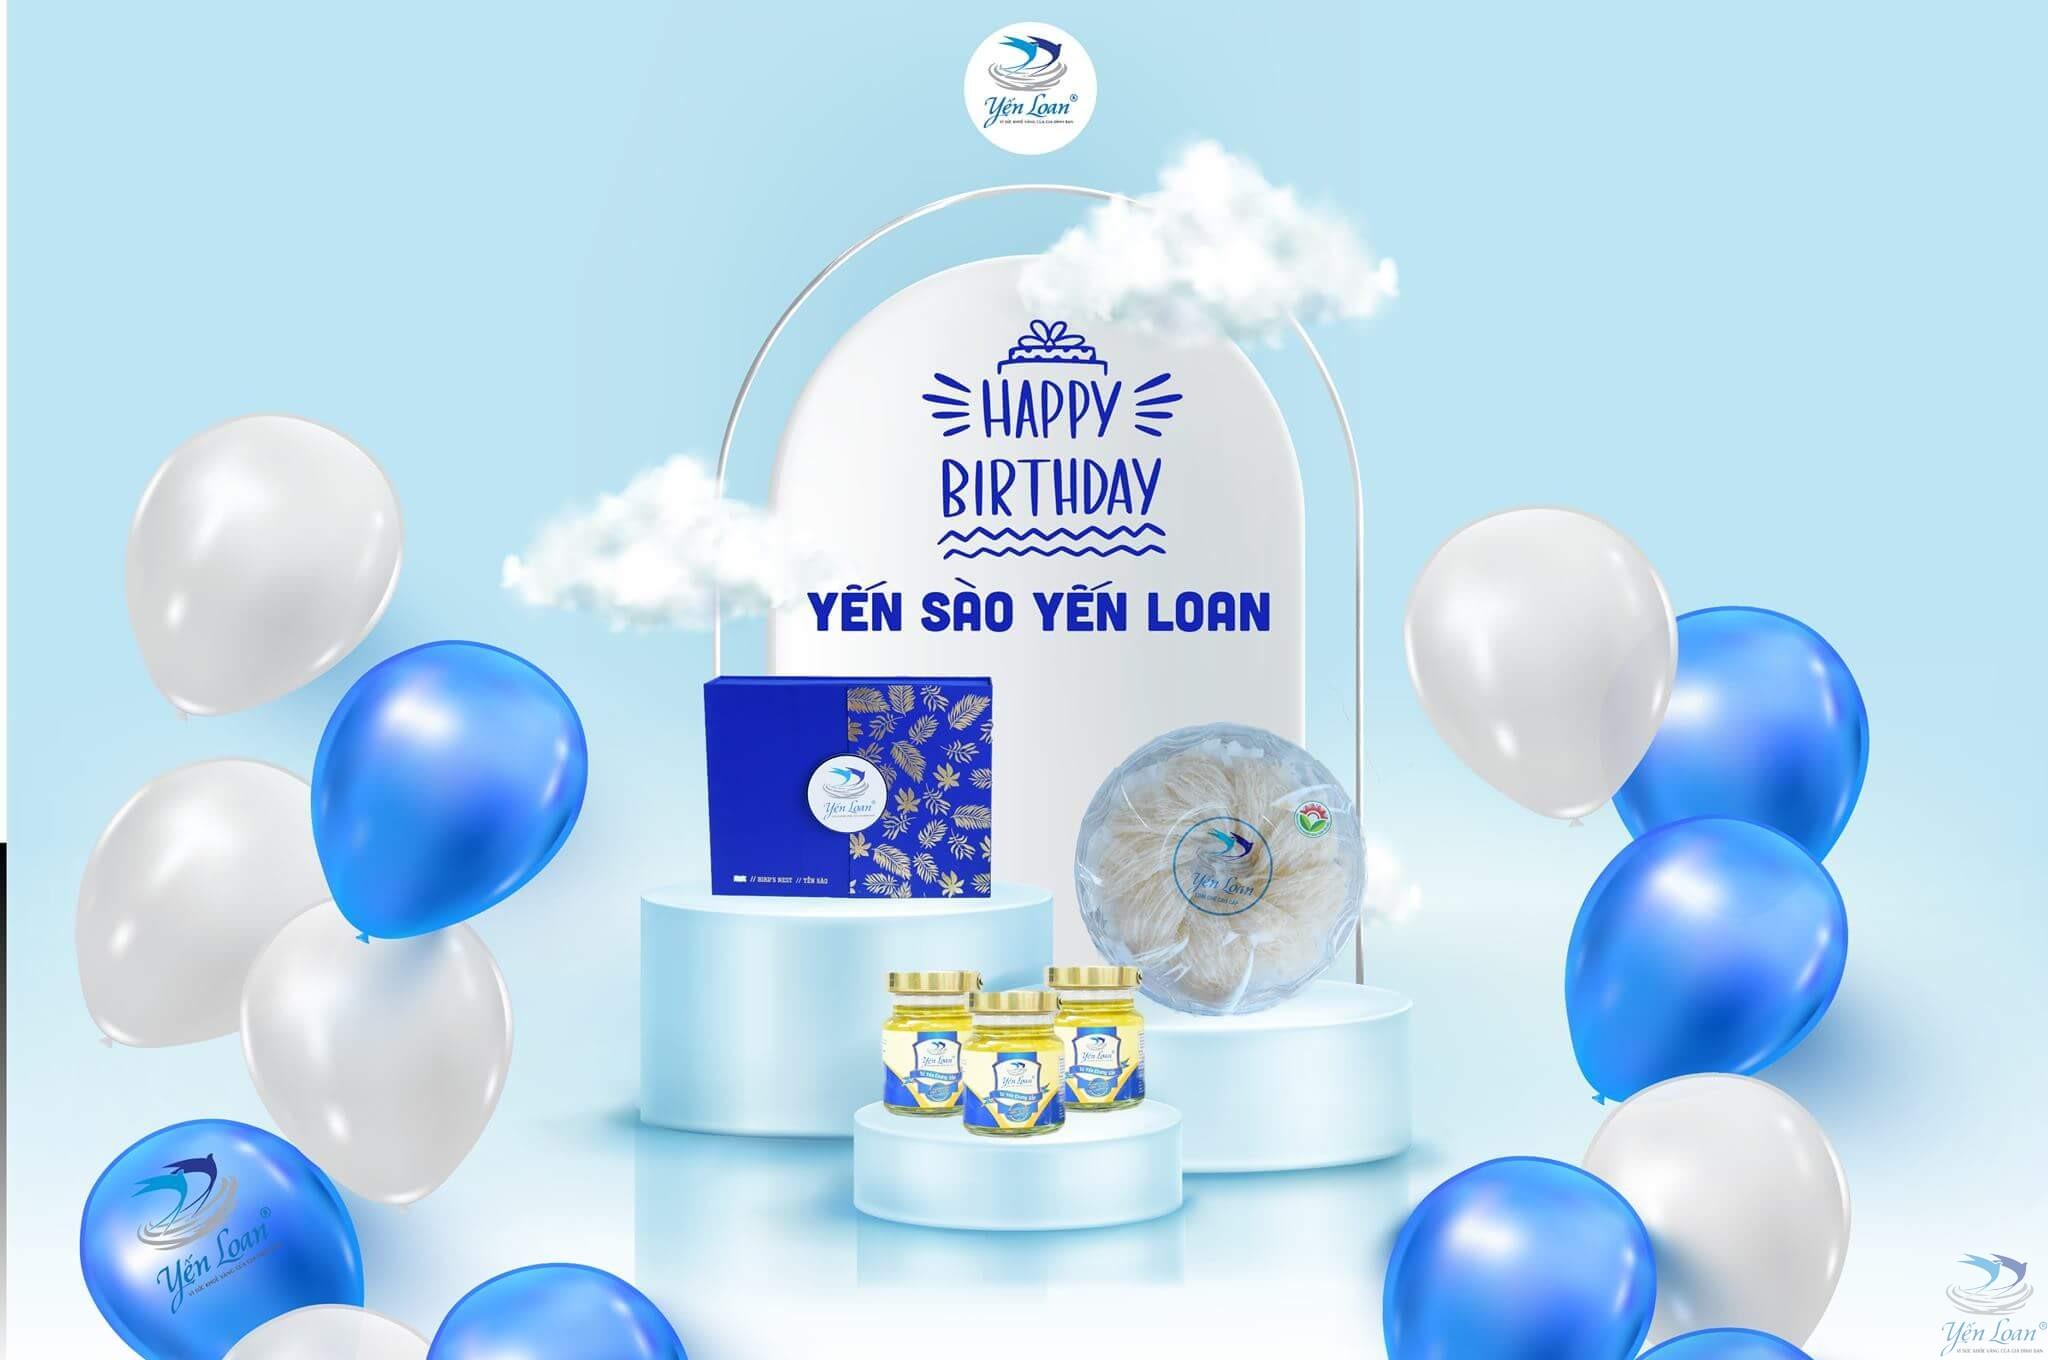 Mừng sinh nhật Yến Loan, tưng bừng khuyến mãi quà tặng